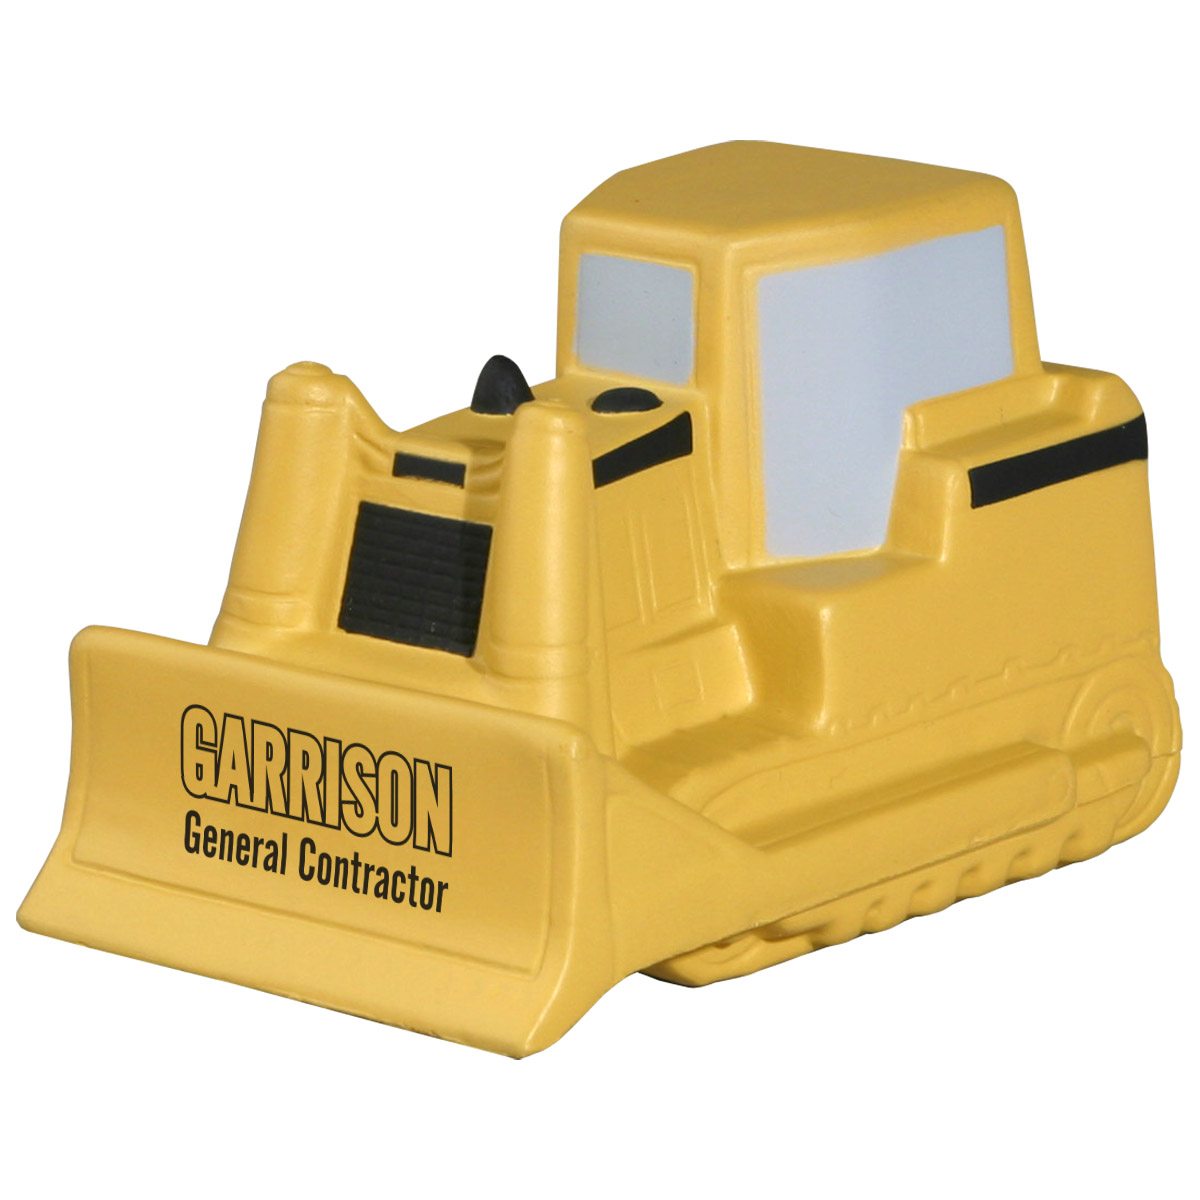 Bulldozer Stress Reliever, LCN-BD01, 1 Colour Imprint